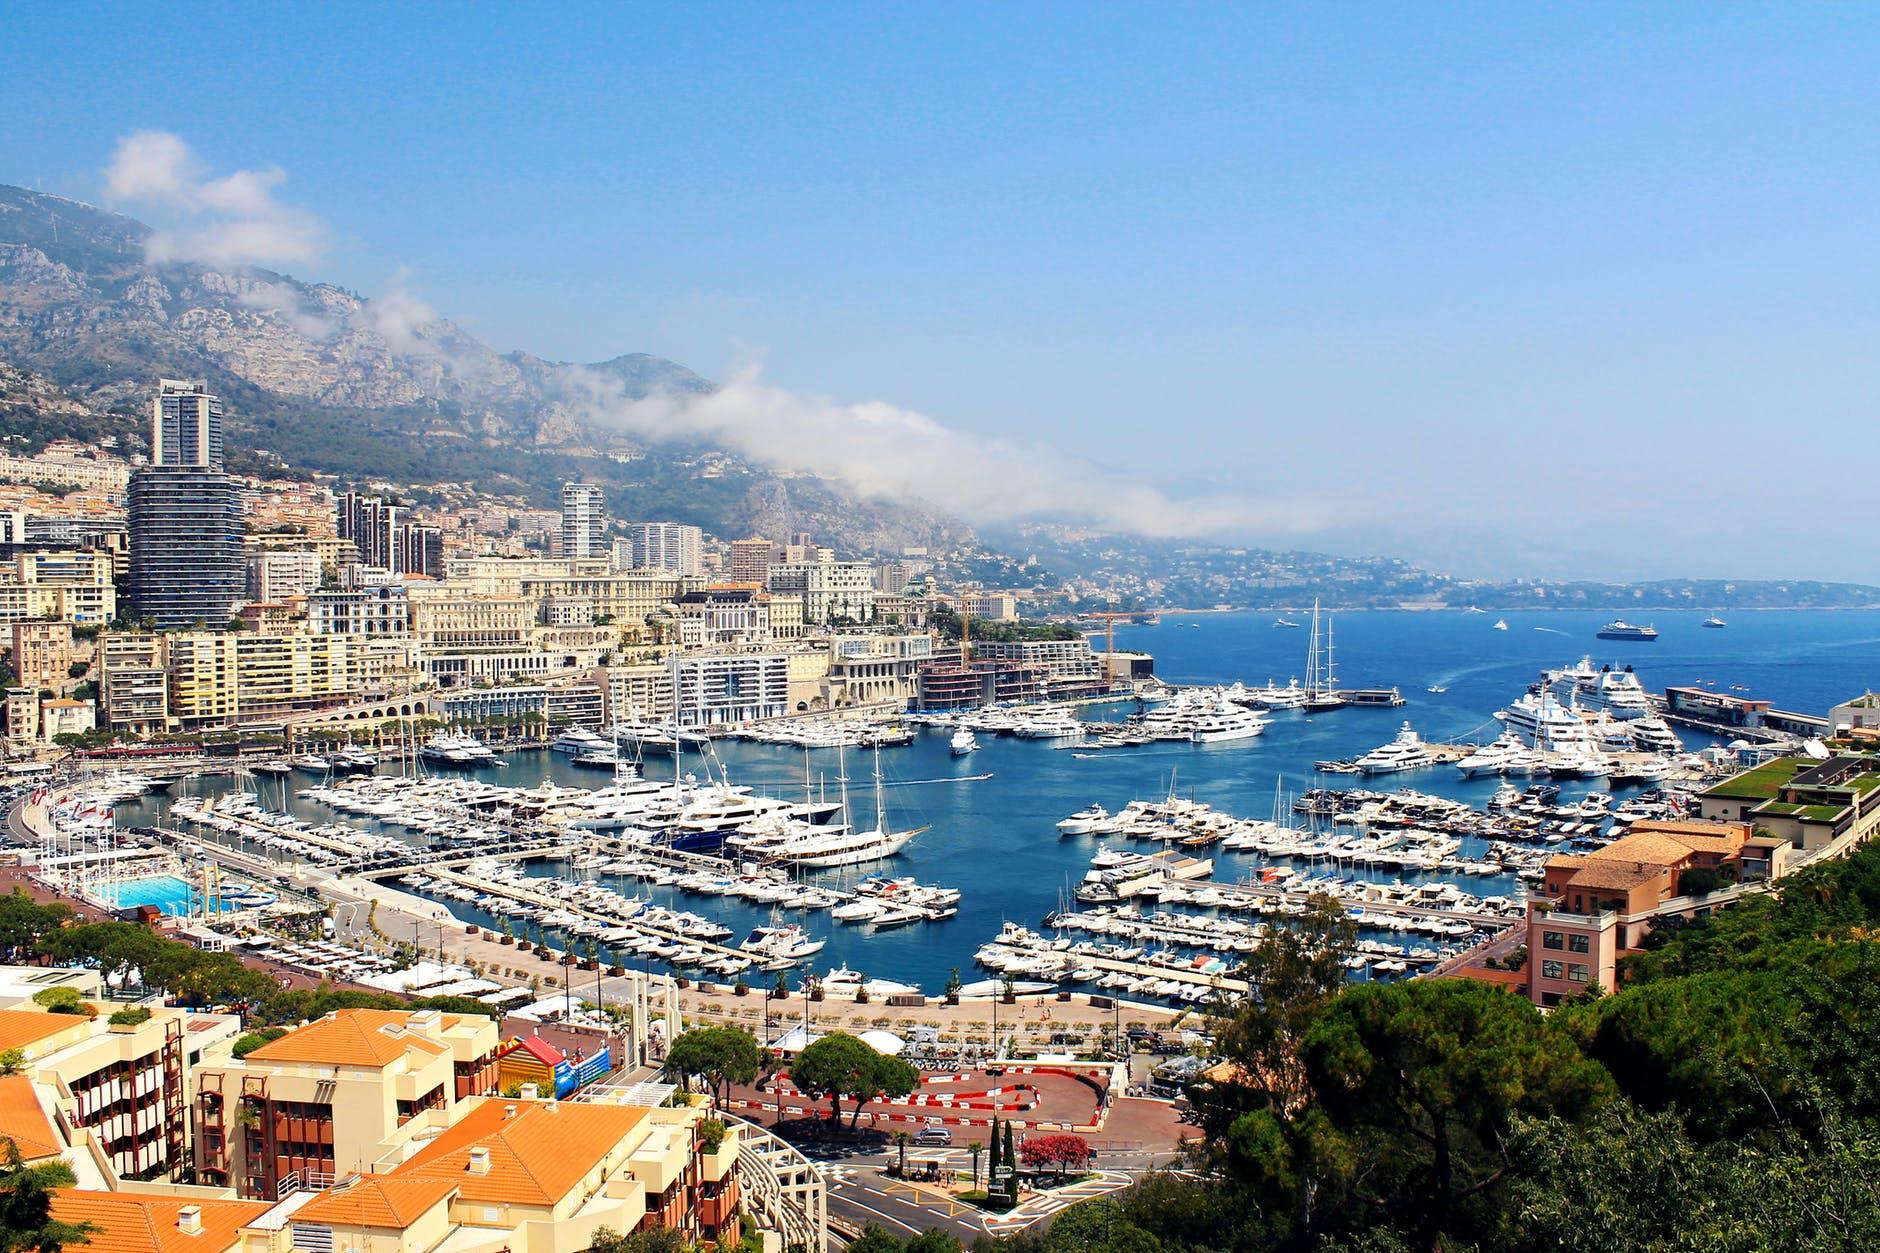 port-yachts-monaco-luxury.jpg